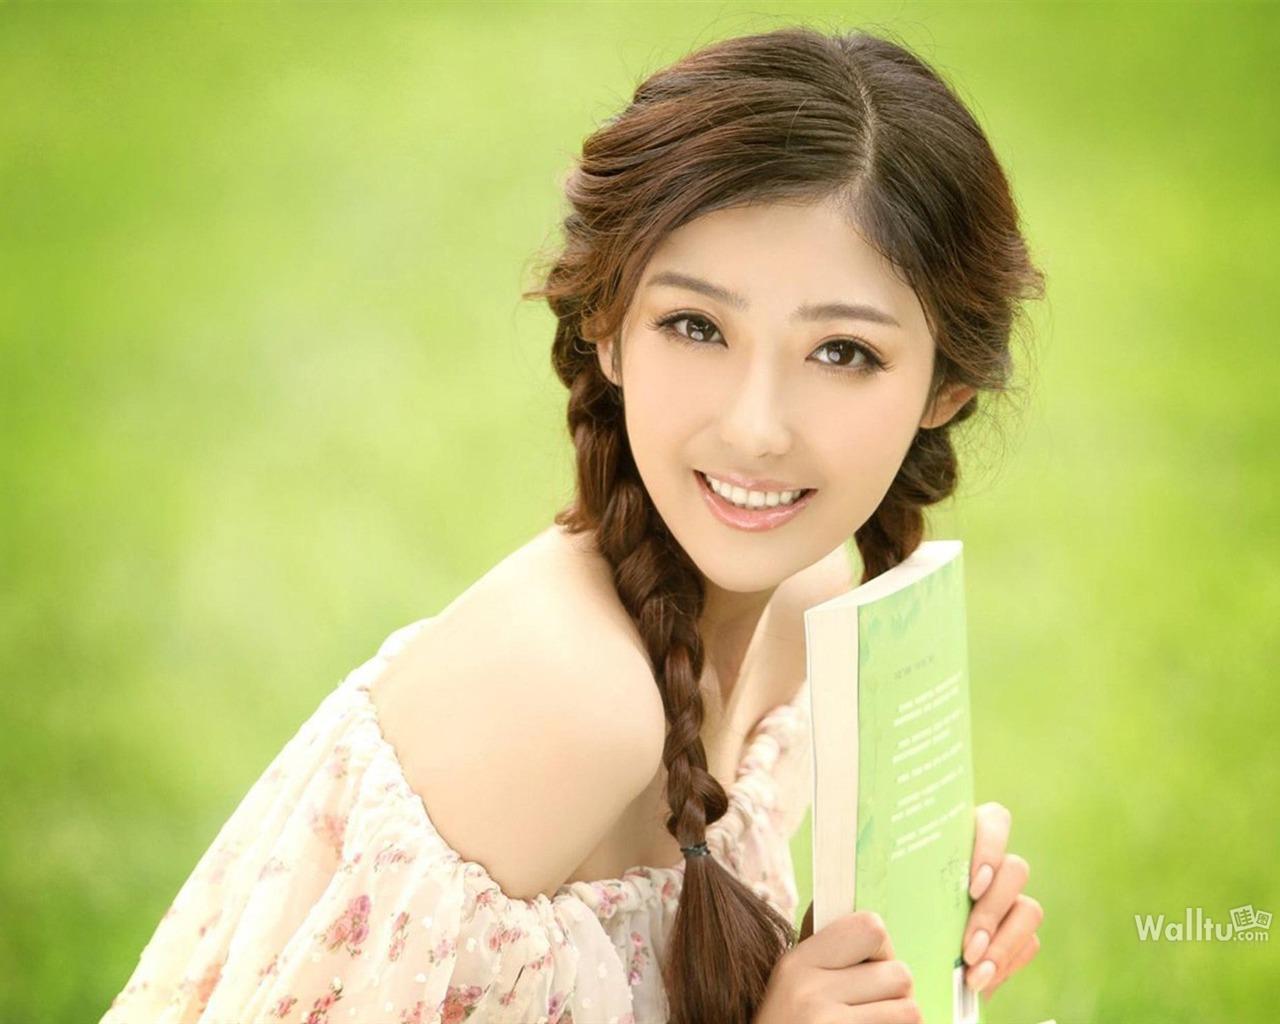 xiao清纯_Zirou Xiao肖紫柔-东方美女写真壁纸预览 | 10wallpaper.com